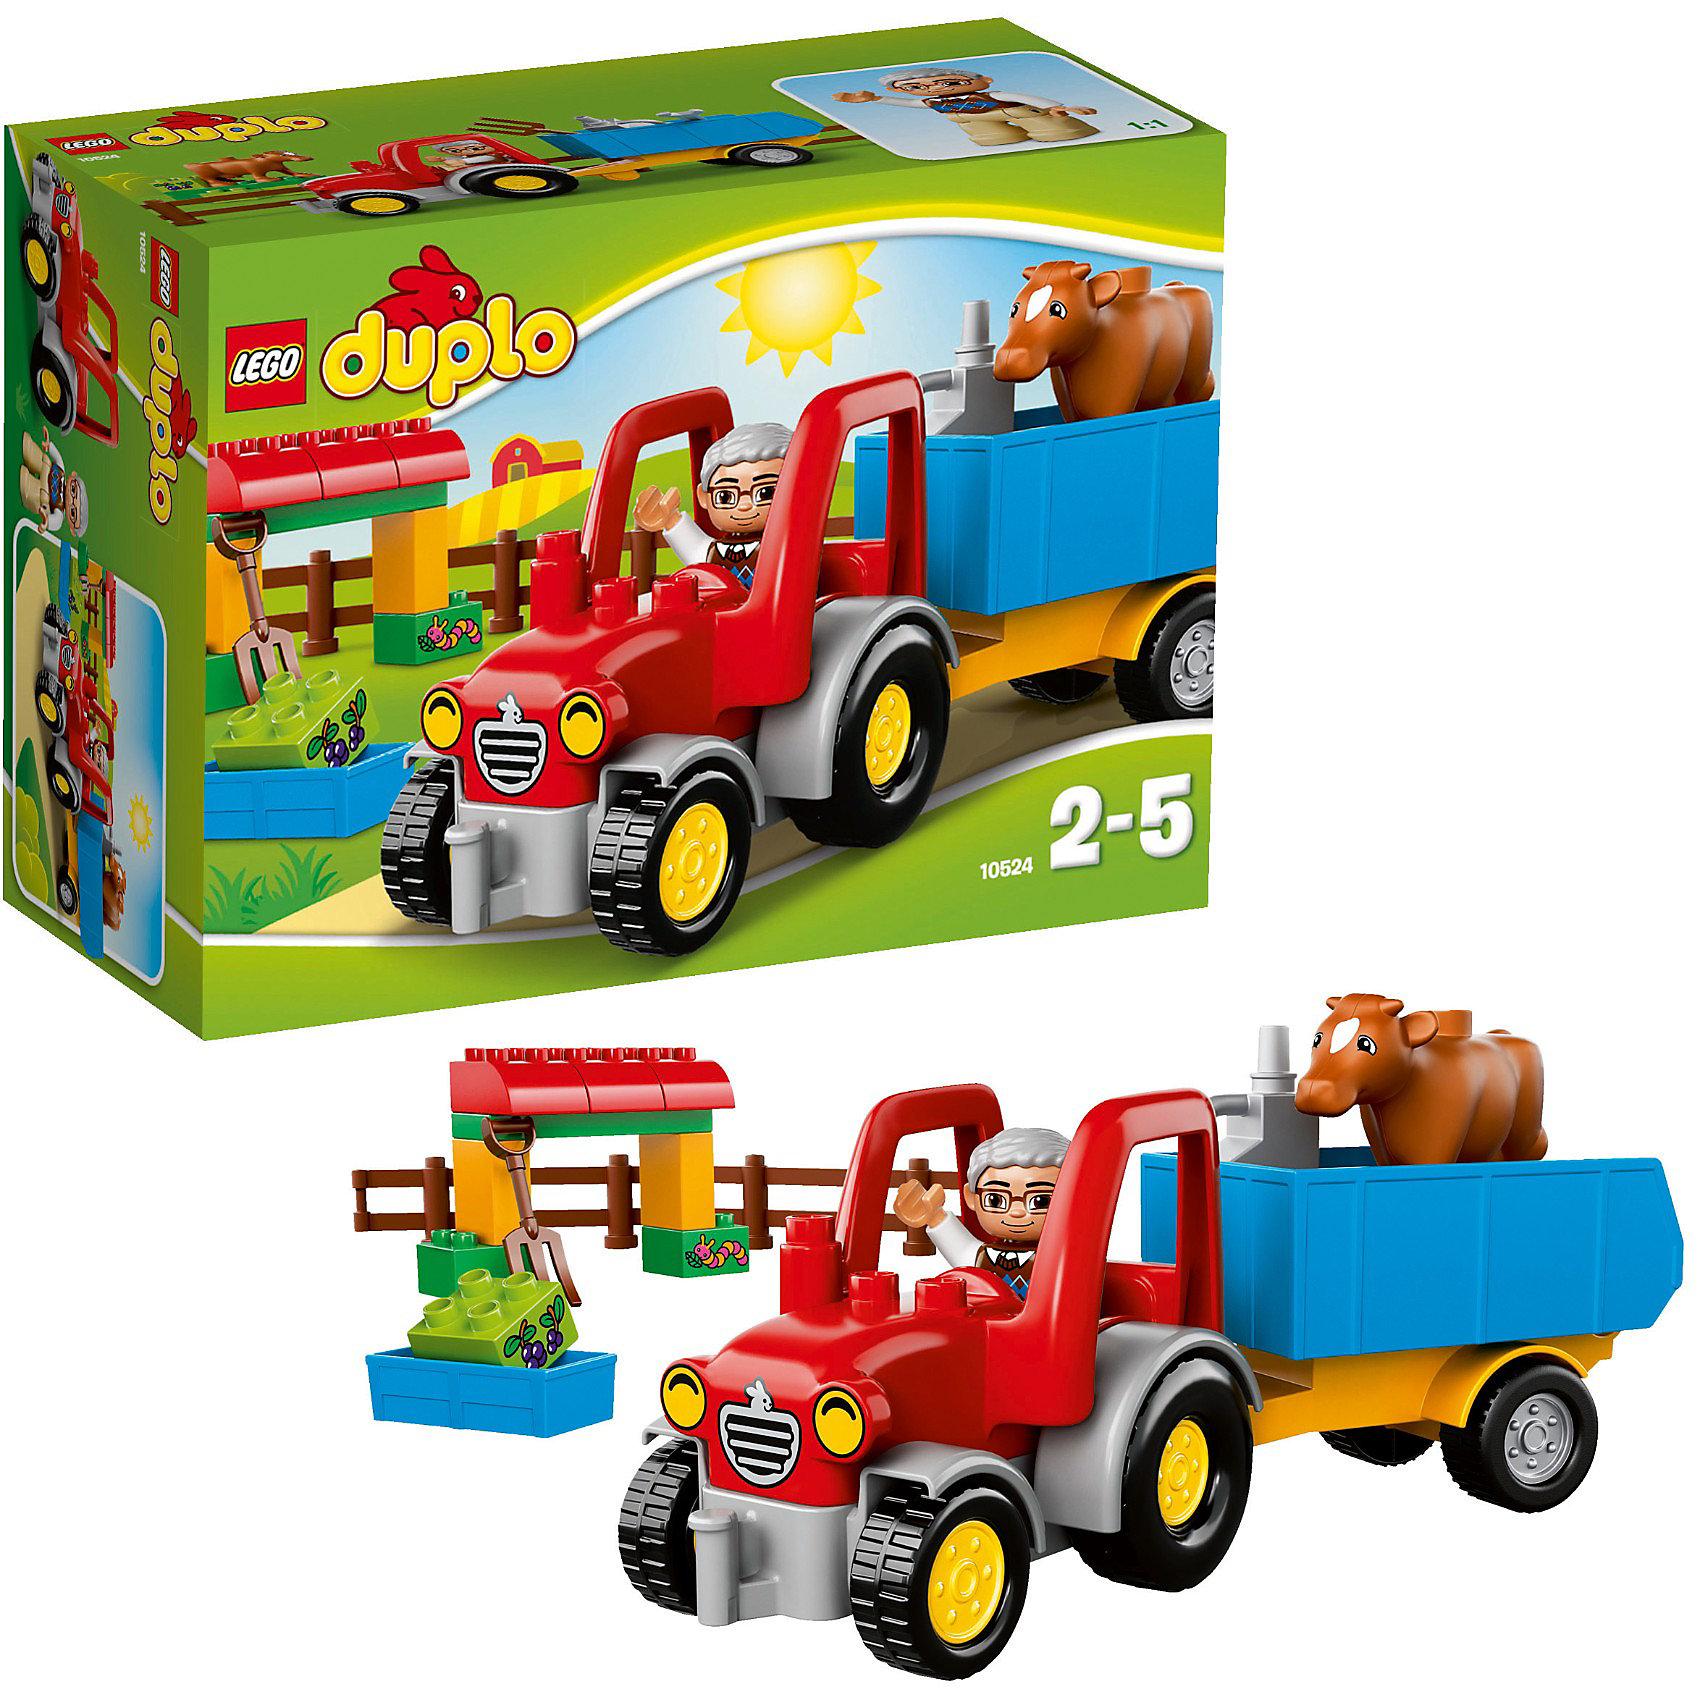 LEGO DUPLO 10524: Сельскохозяйственный тракторПластмассовые конструкторы<br>LEGO DUPLO (ЛЕГО Дупло) 10524: Сельскохозяйственный трактор - увлекательный набор, который позволит собрать Сельскохозяйственный трактор для самых маленьких.<br><br>В наборе есть все необходимое для интересных сюжетно-ролевых игр и увлекательных историй на ферме. С помощью мощного яркого трактора можно перевозить не только животных фермы, но и различные грузы, инструменты и свежий корм. Опускающийся и поднимающийся синий прицеп поможет легко и быстро перевозить нужные грузы.<br><br>В комплекте вы найдете фигурки фермера и теленка, коричневый забор, вилы, кормушку для животных, бак с бензином для заправки трактора, а также необходимые детали для постройки загона для животных.<br><br>ЛЕГО Дупло - серия конструкторов для малышей, которую отличает крупные яркие детали со скругленными углами и многообразие игровых сюжетов, это и животные, и растения, и машинки, и сказочные персонажи. <br><br>Дополнительная информация:<br><br>- Количество деталей: 29.<br>- В наборе: трактор, прицеп, фермер, теленок, забор, вилы, большая кормушка, бак с горючим, кубики с изображением гусеницы и ягод.<br>- Количество минифигур: 2 (фермер, теленок).<br>- Серия: ЛЕГО Дупло. <br>- Материал: пластик.<br>- Размер упаковки: 26 х 19 х 12 см.<br>- Вес: 0,635 кг. <br><br>Игра с конструктором развивает мелкую моторику, фантазию и воображение ребенка, учит его усидчивости и внимательности.<br><br>Конструктор LEGO DUPLO (ЛЕГО Дупло) 10524: Сельскохозяйственный трактор можно купить в нашем интернет-магазине.<br><br>Ширина мм: 264<br>Глубина мм: 193<br>Высота мм: 119<br>Вес г: 545<br>Возраст от месяцев: 24<br>Возраст до месяцев: 60<br>Пол: Мужской<br>Возраст: Детский<br>SKU: 3342501